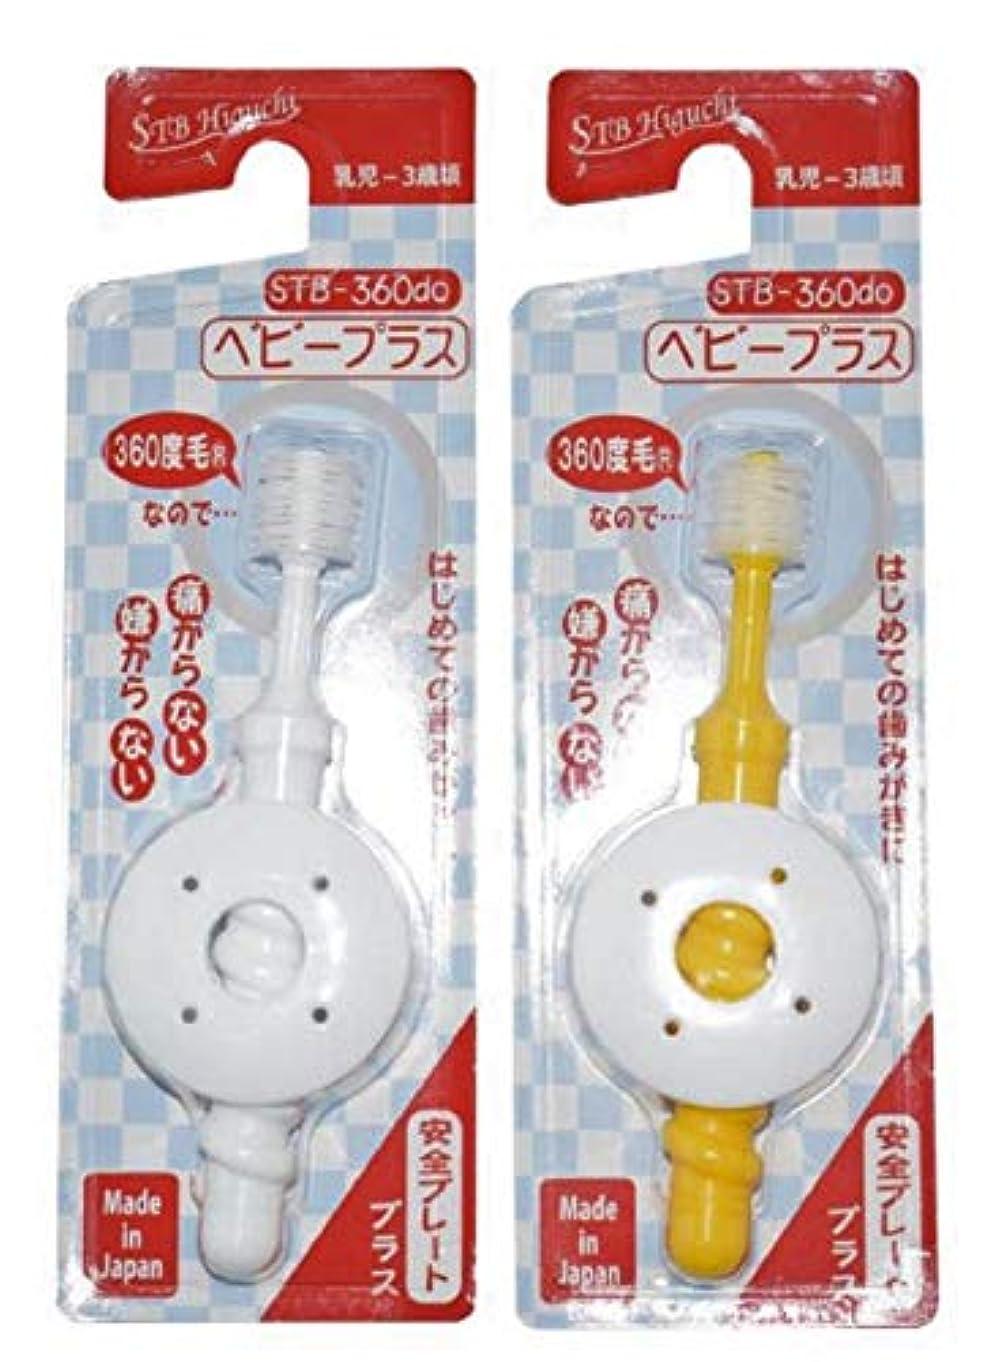 インサート究極の撃退するSTB-360do ベビープラス 2本セット 喉付き防止 安全パーツ付き幼児用